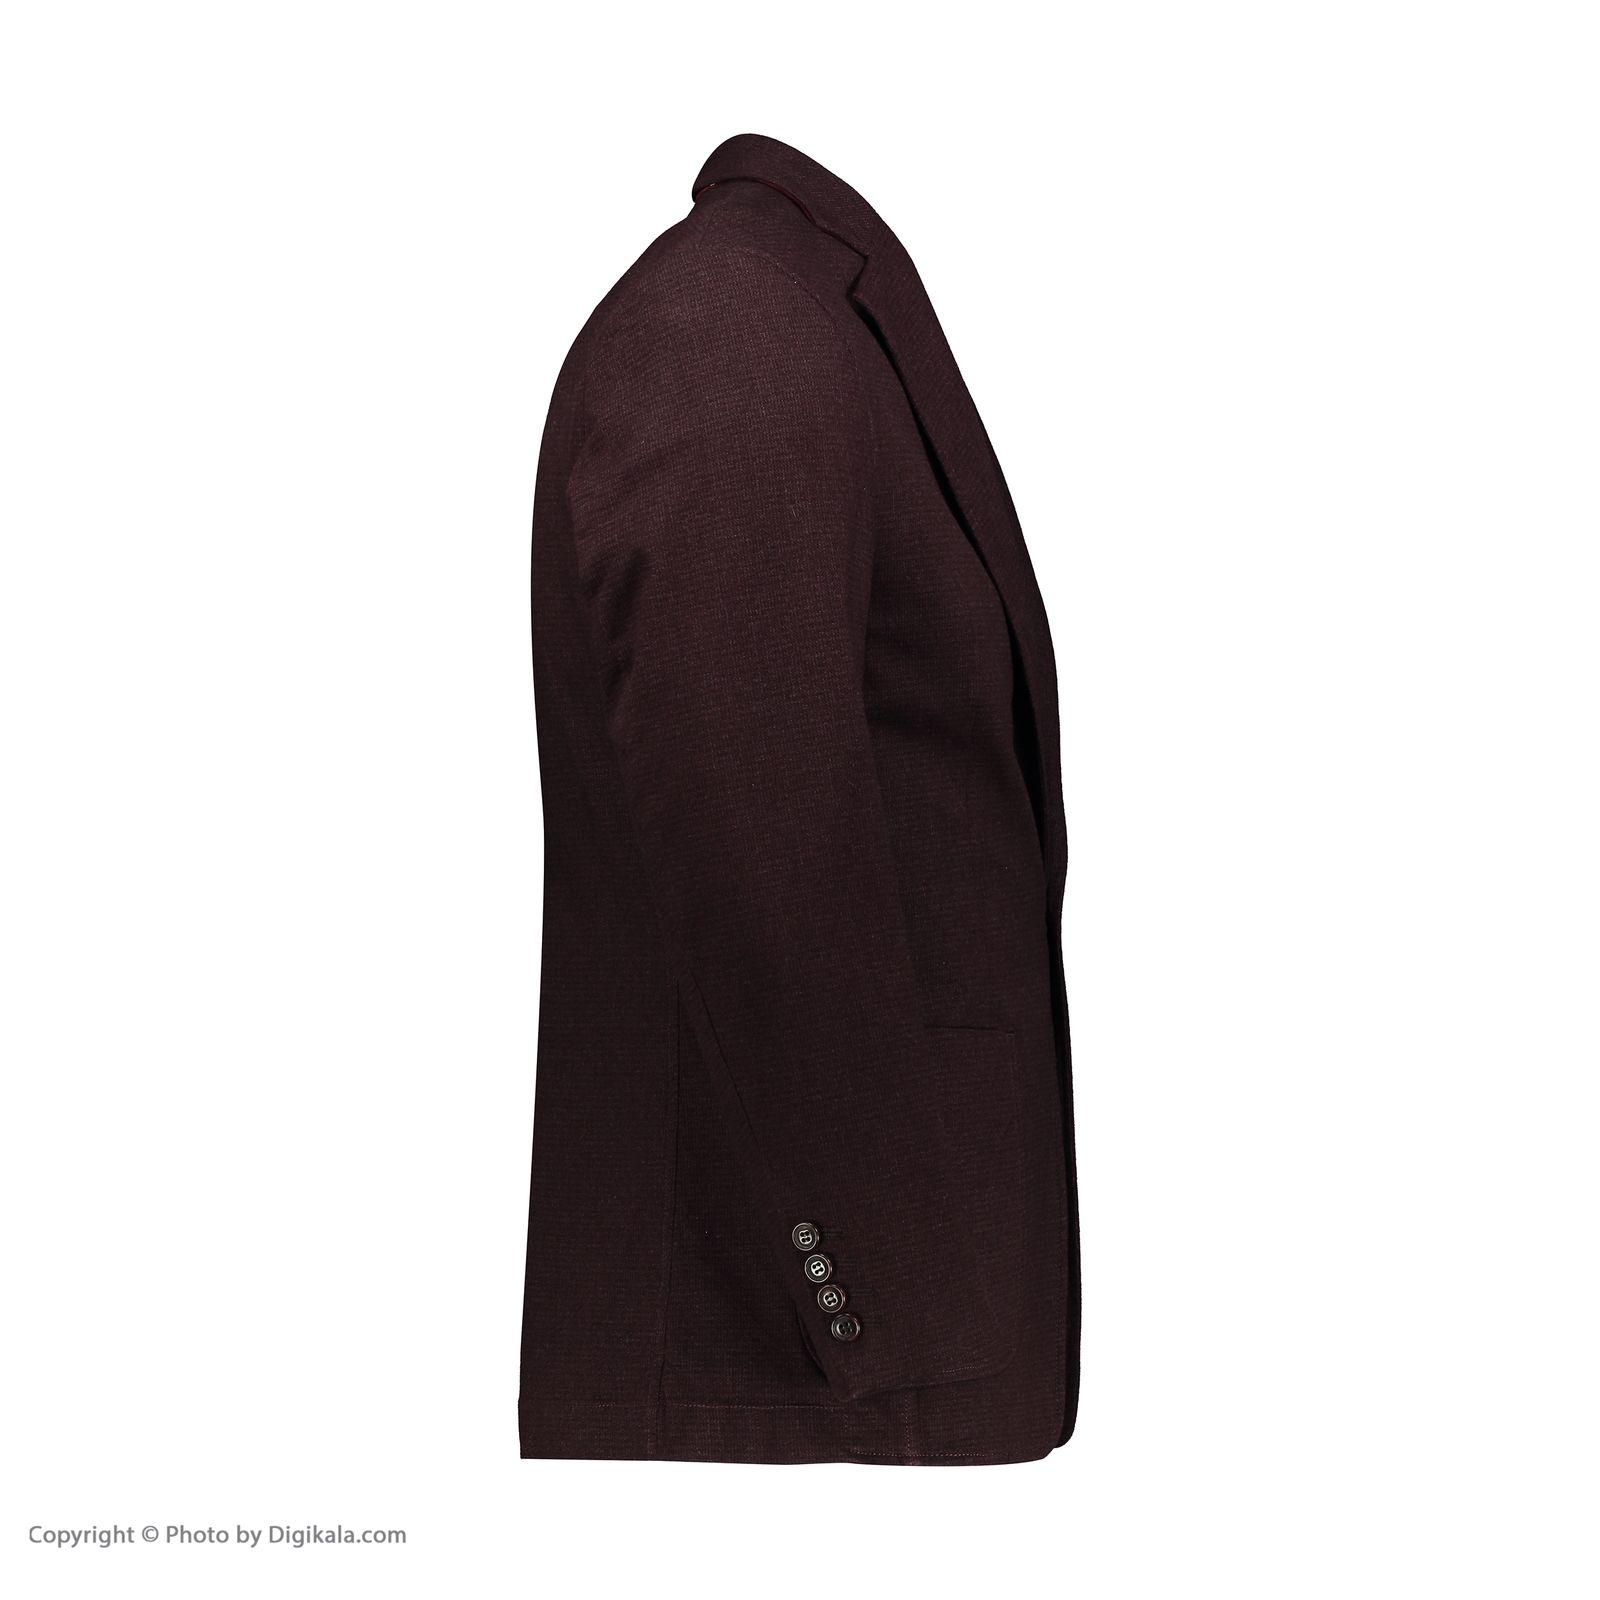 کت تک مردانه گراد کد 021 -  - 3